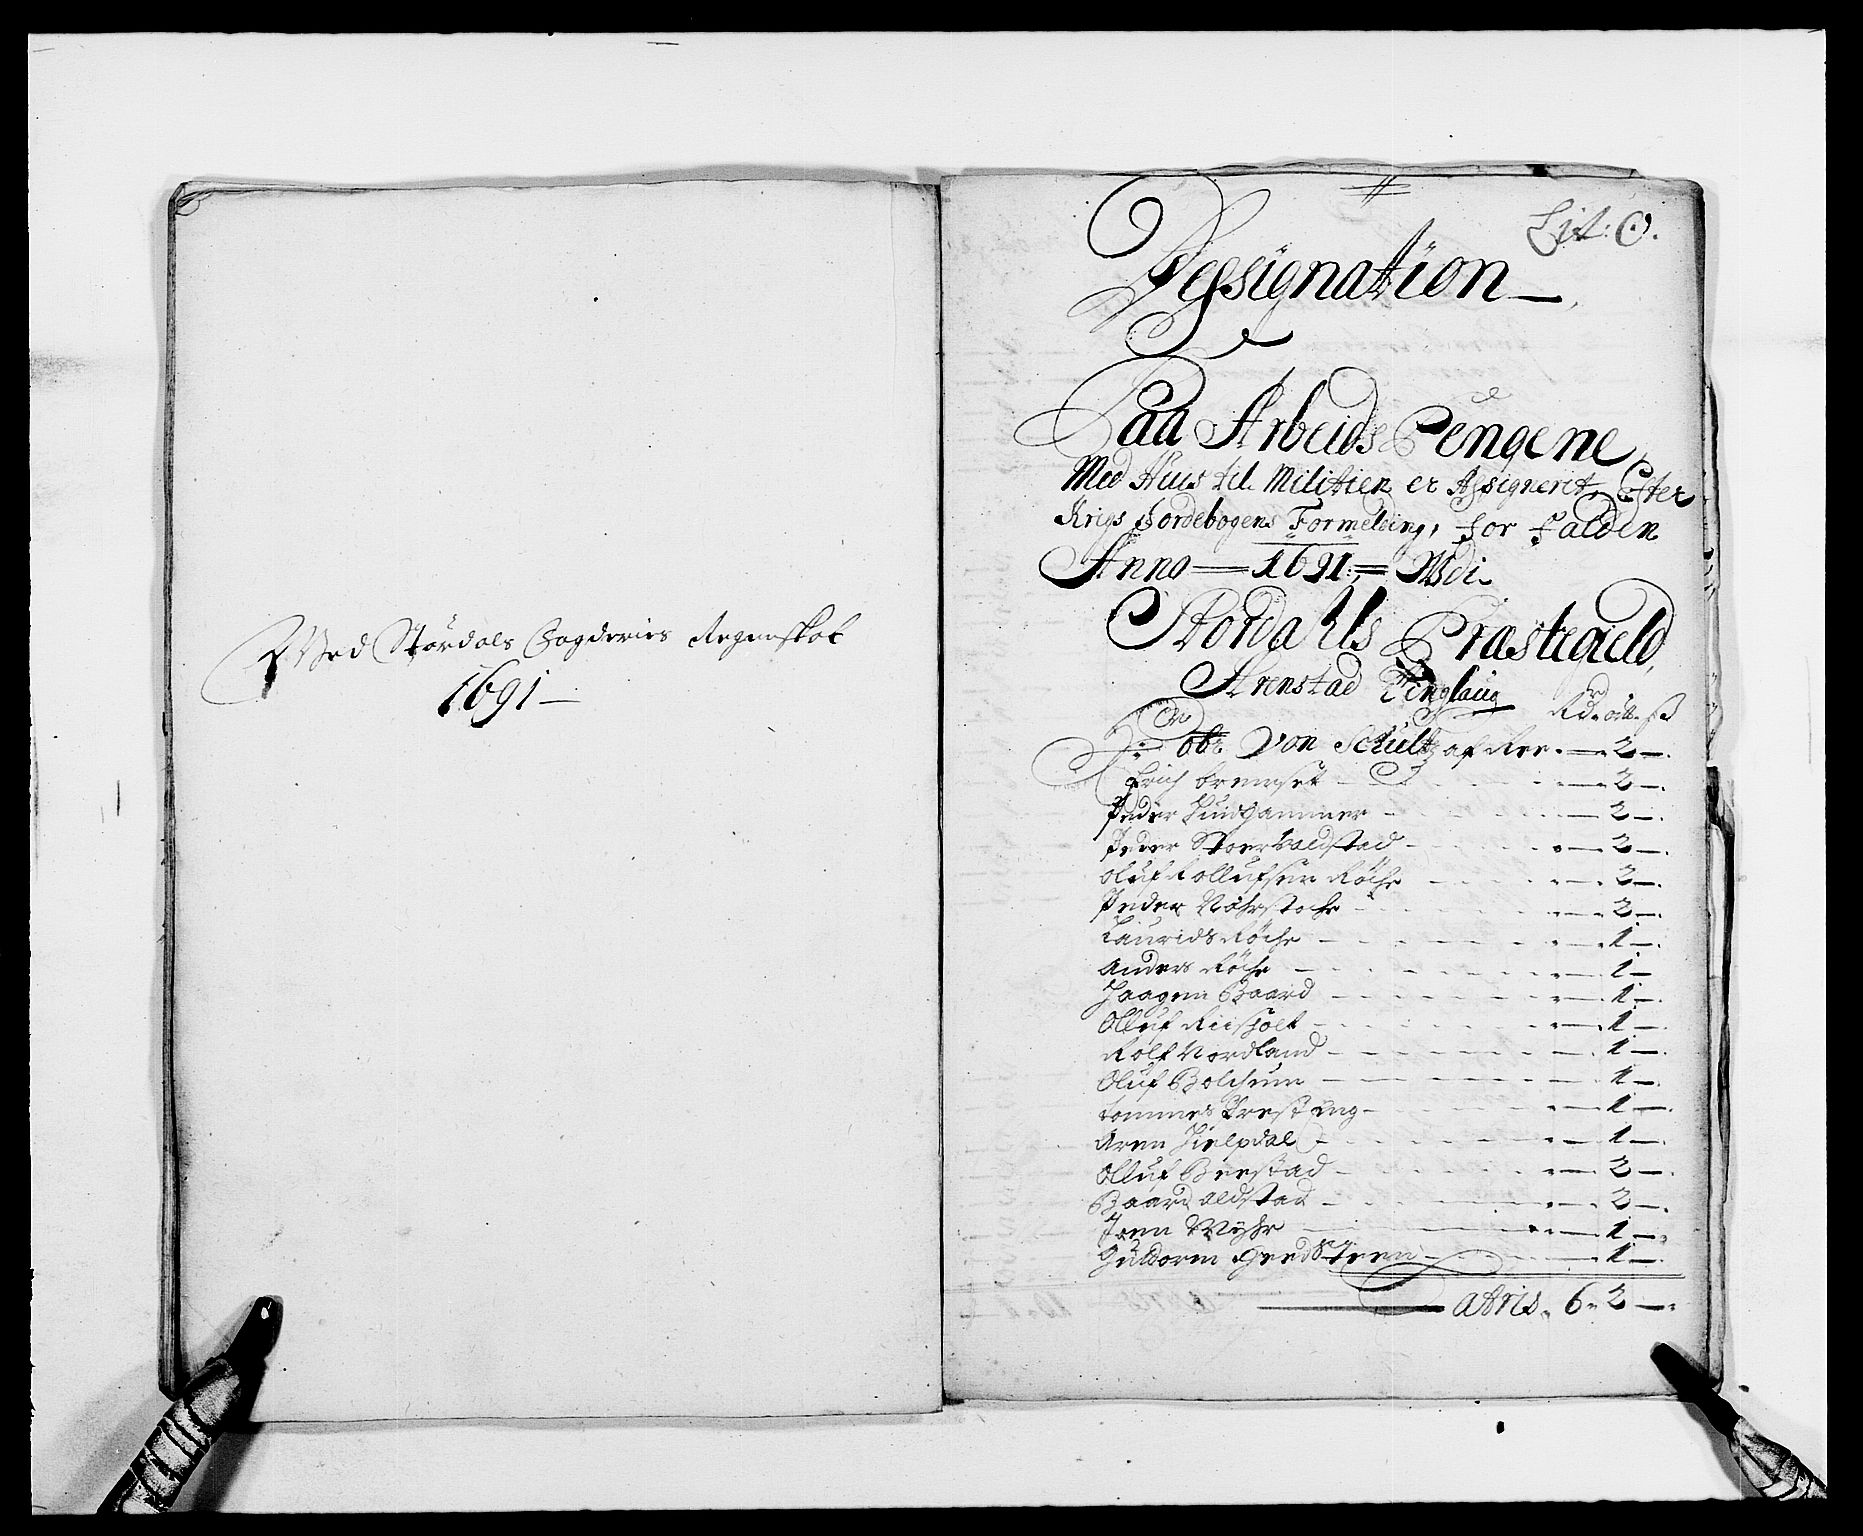 RA, Rentekammeret inntil 1814, Reviderte regnskaper, Fogderegnskap, R62/L4184: Fogderegnskap Stjørdal og Verdal, 1690-1691, s. 422